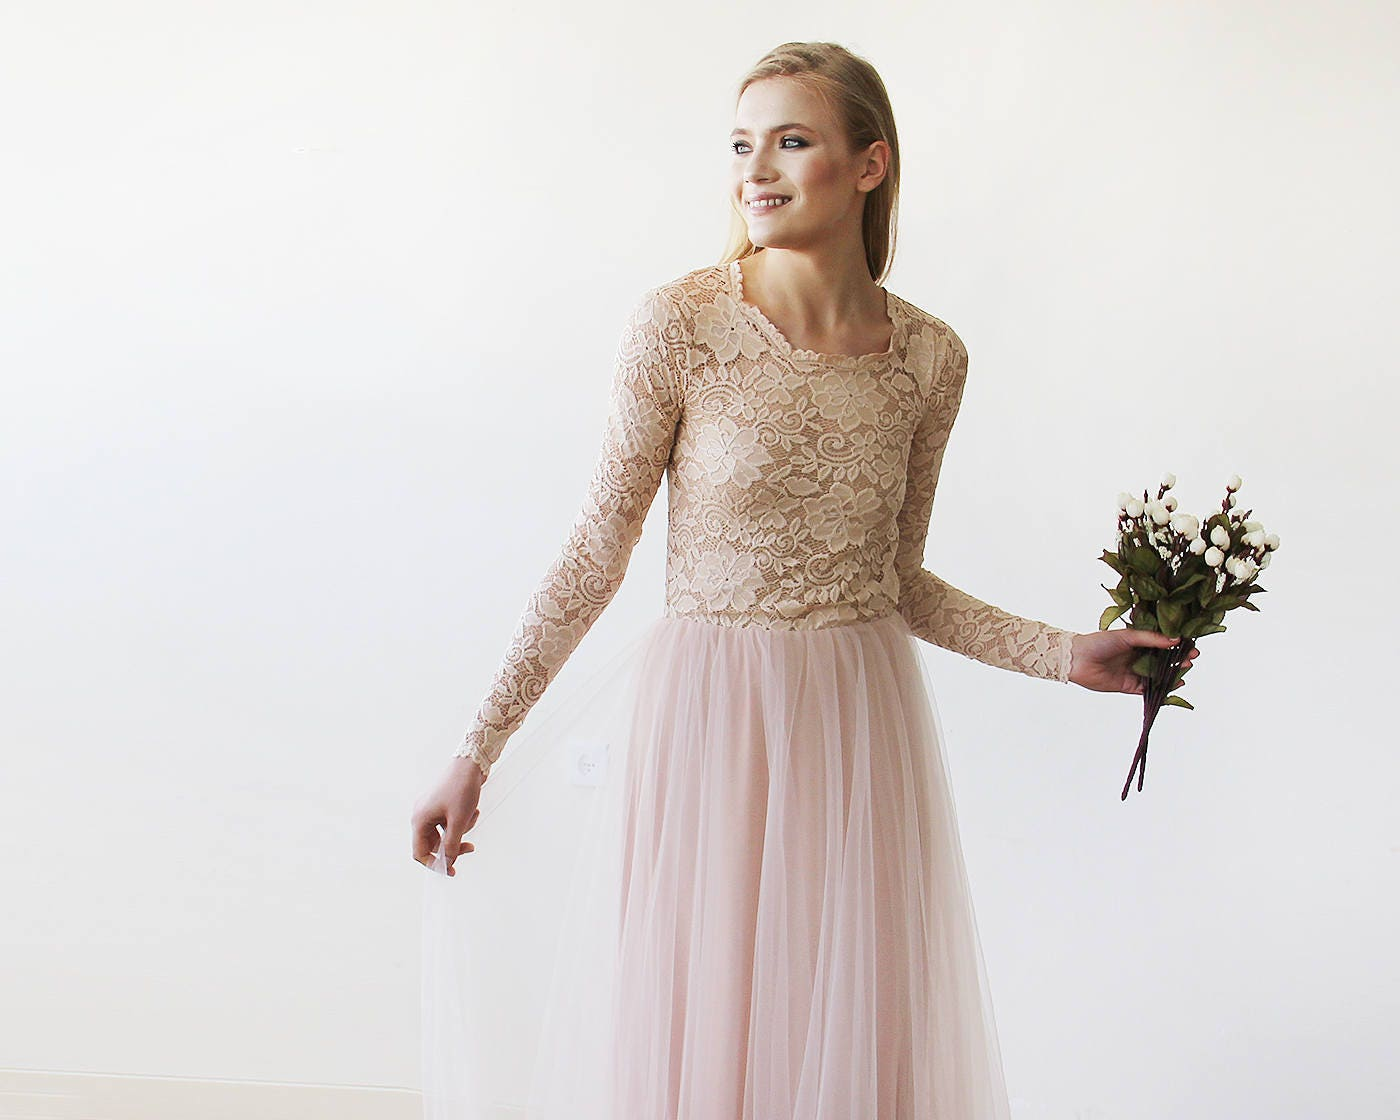 Rosa Blush Brautkleid runden Ausschnitt lange Ärmel schiere